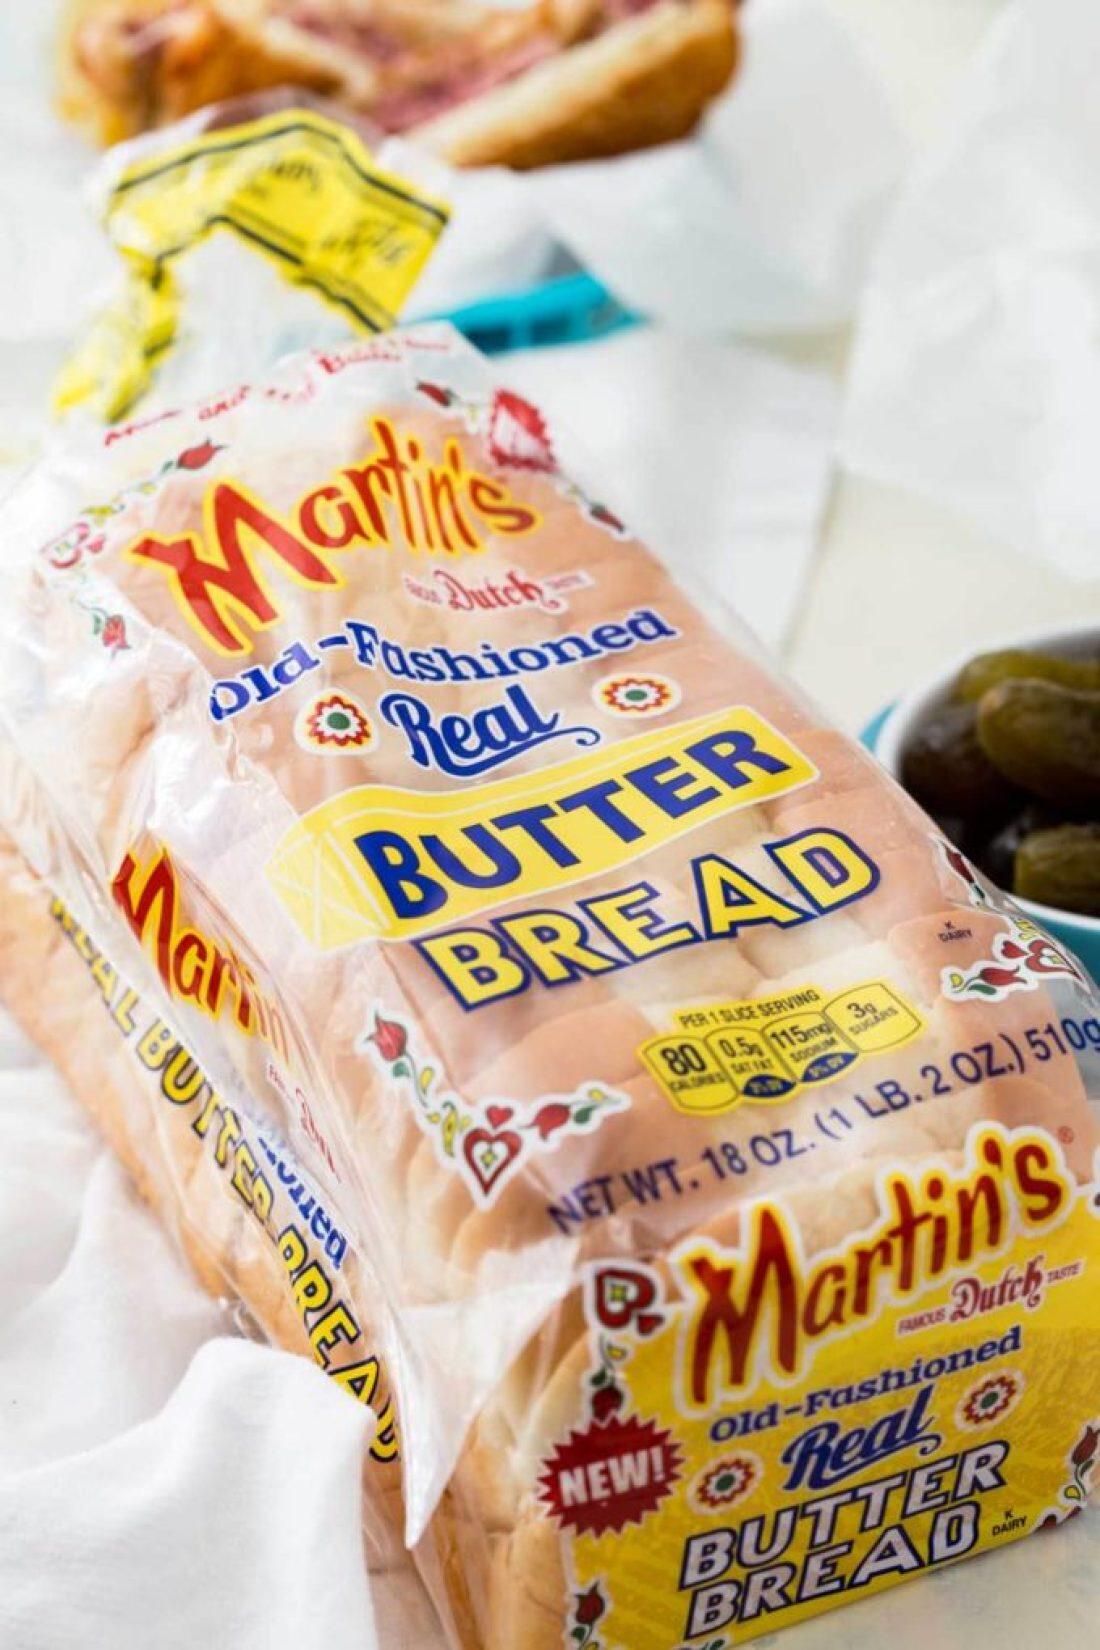 Martin's bread for a reuben sandwich recipe